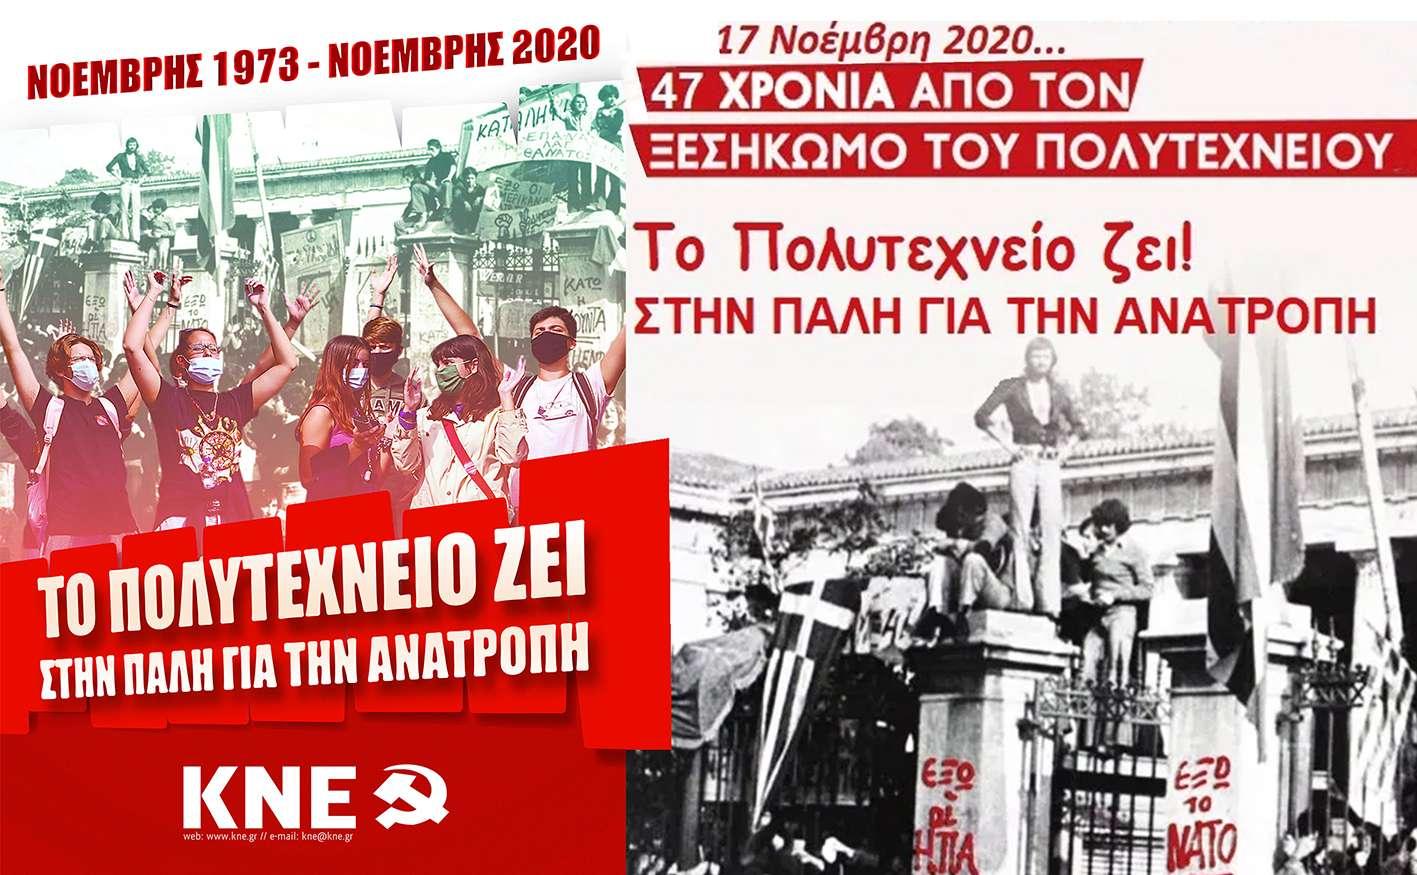 KNE Πολυτεχνείο 2020